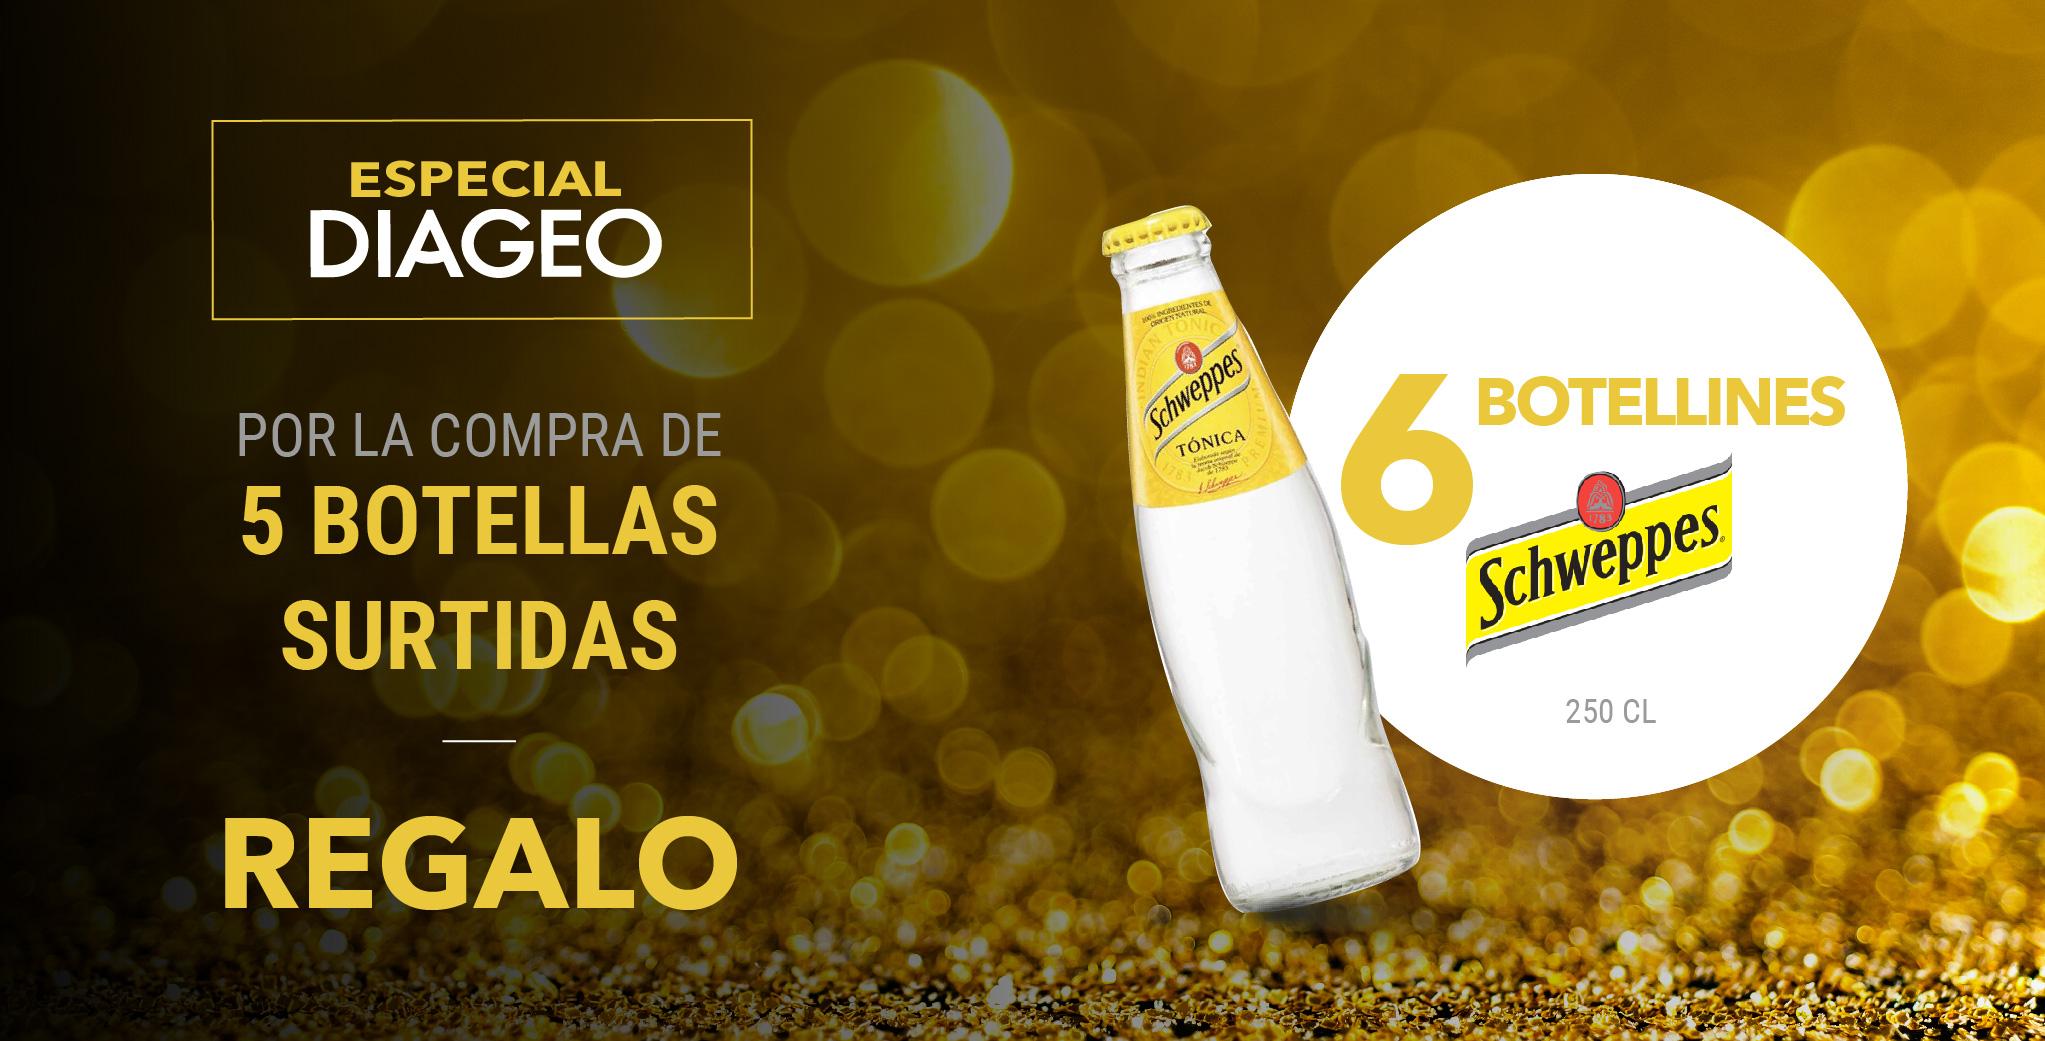 Especial Diageo - Botellas Schweppes